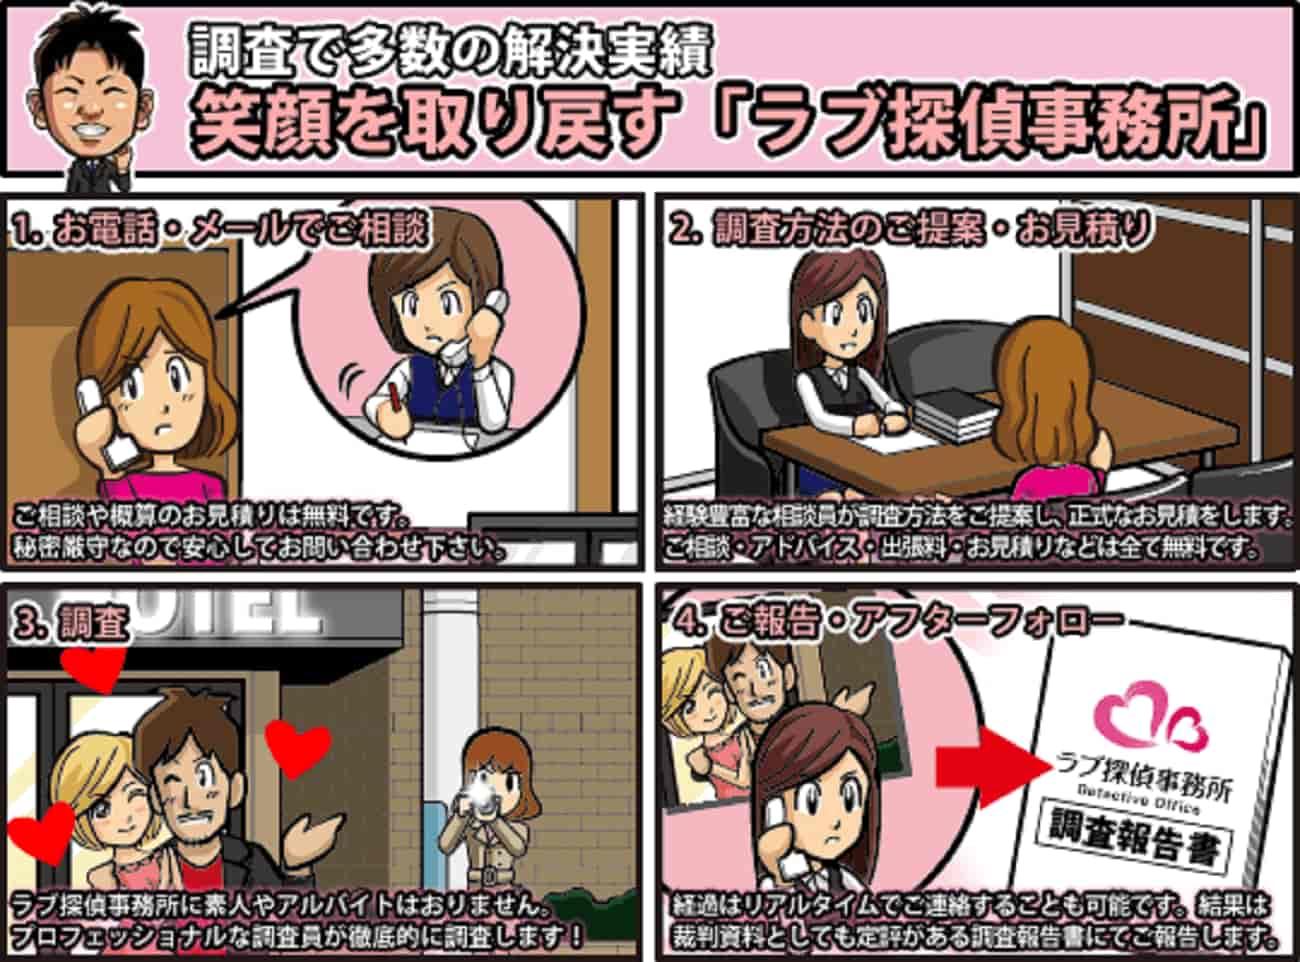 ラブ探偵事務所は千葉県香取市の相談お見積り無料